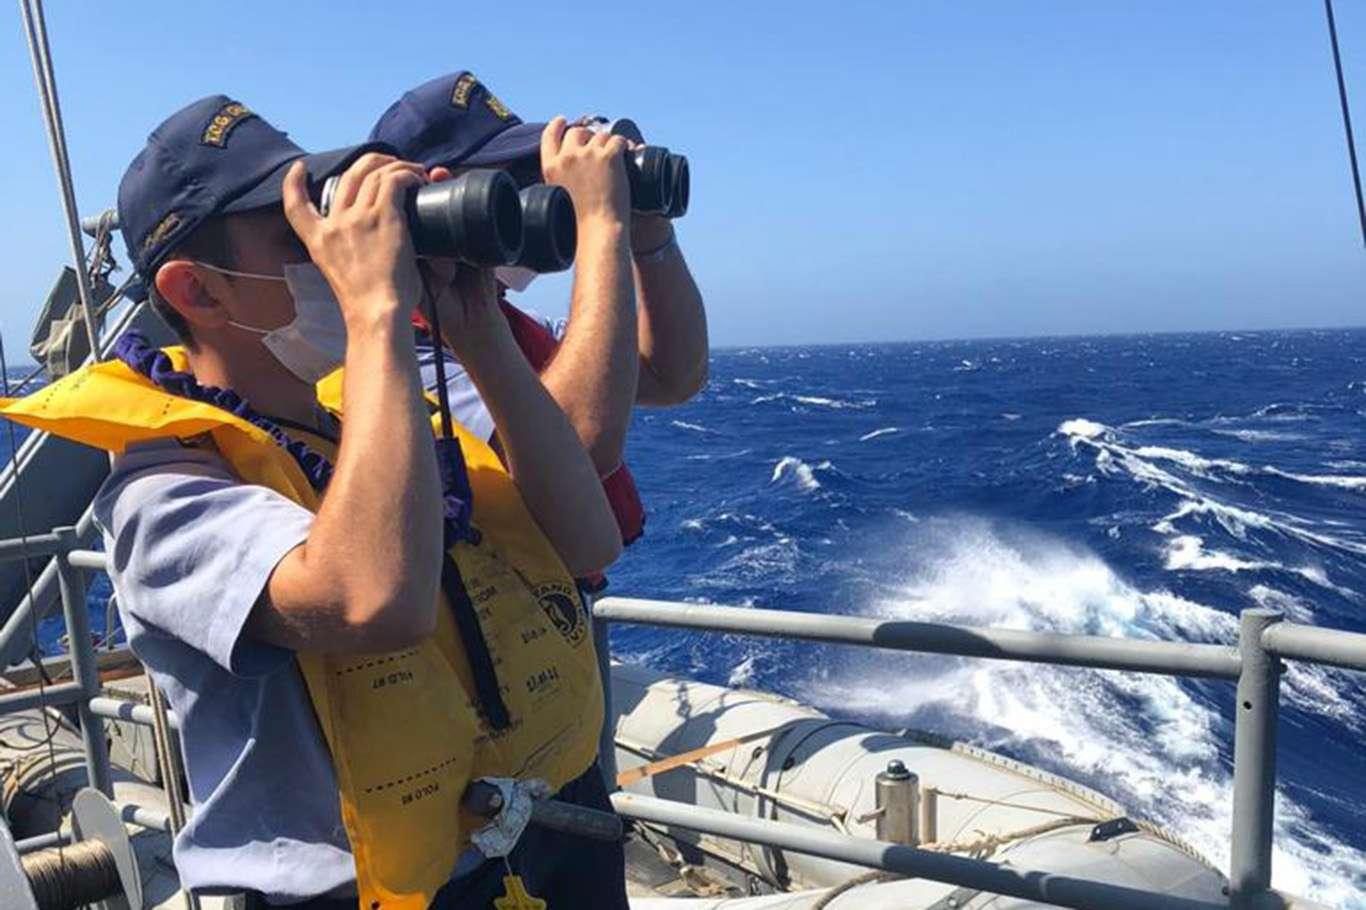 Kaş açıklarında batan göçmen teknesindeki 37 kişi kurtarıldı, 8'ini arama çalışmaları devam ediyor